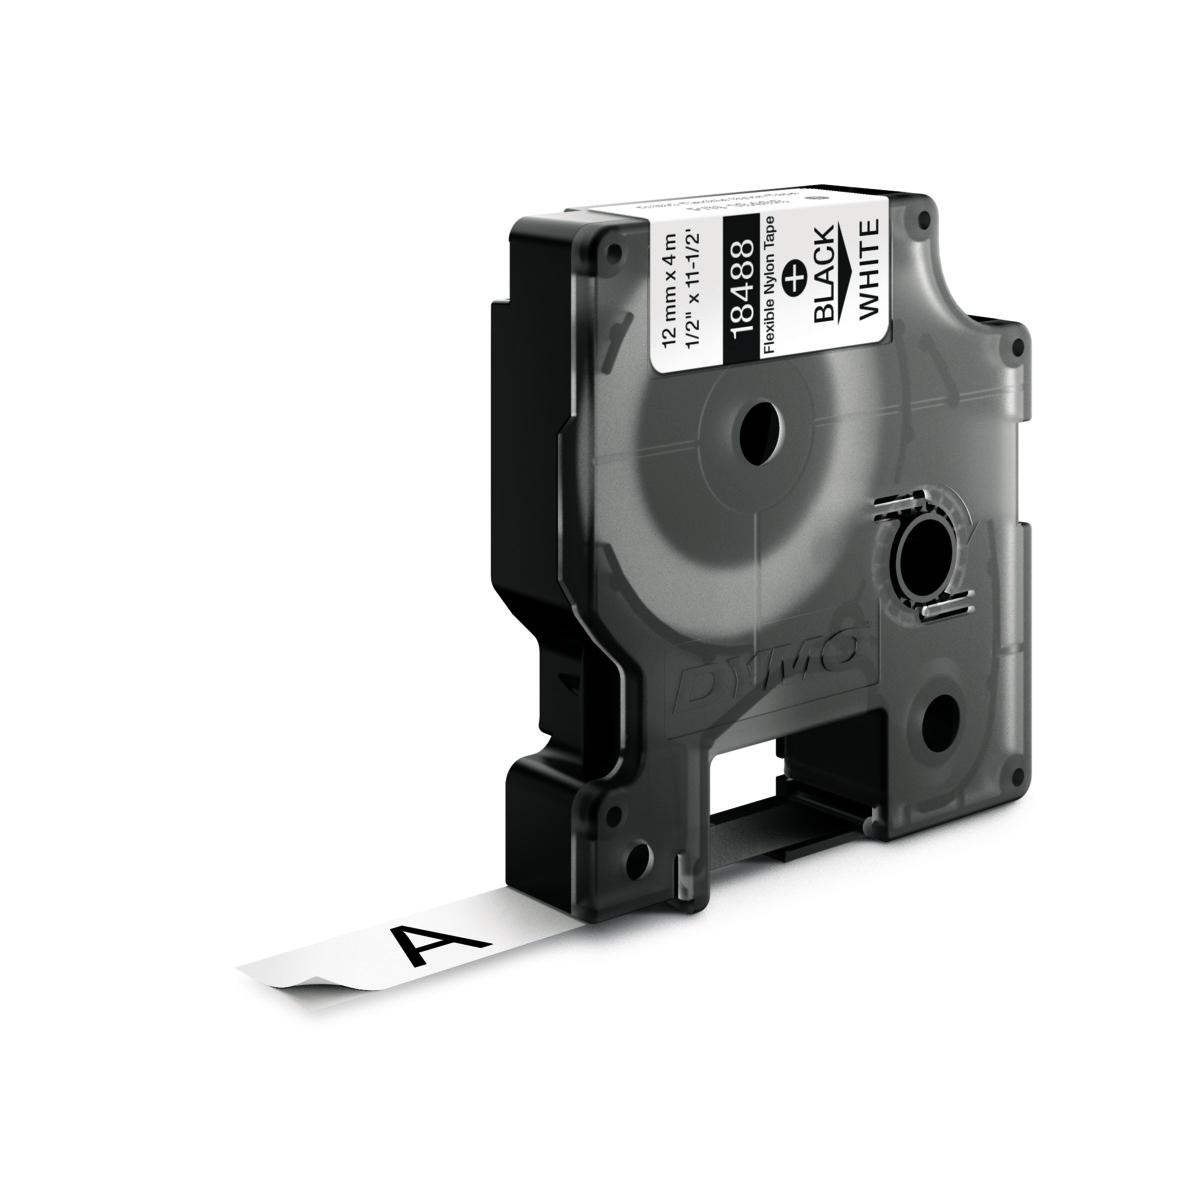 Dymo RHINO 18488 IND - Nylon label tape - 12mm zwart op wit